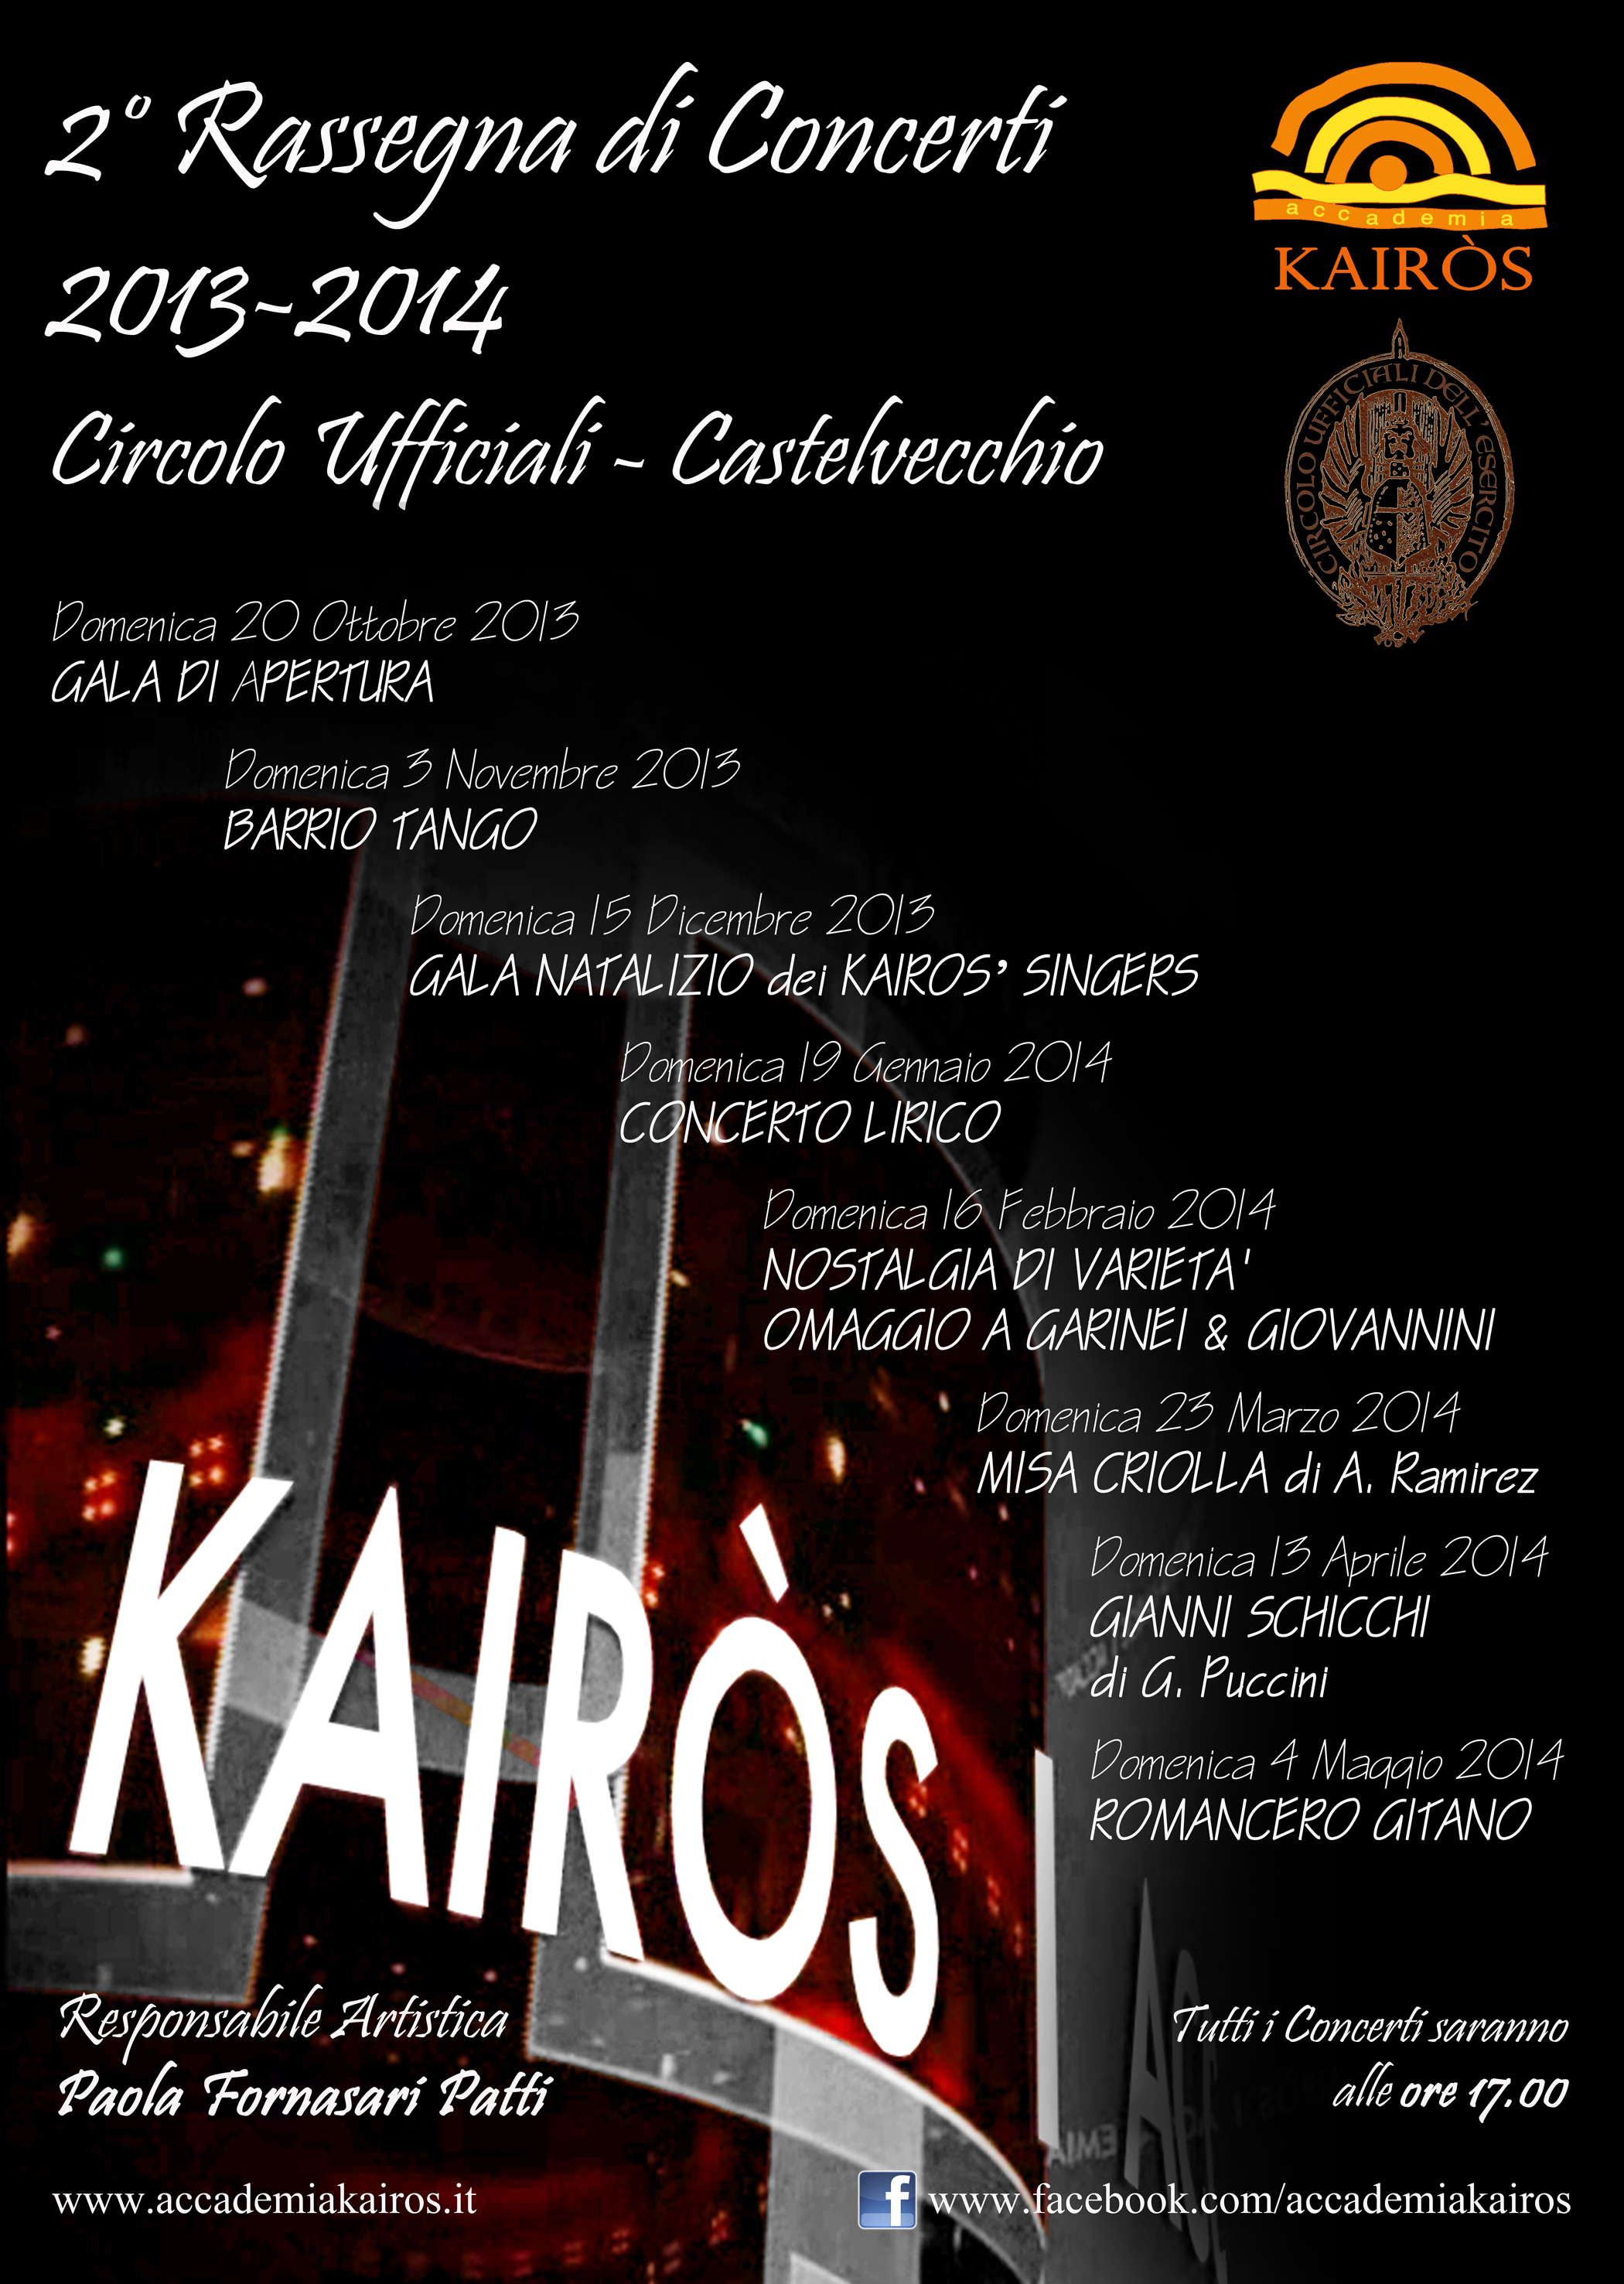 cartolina-fronte-concerti-circ-uff-2013-2014-105x1477-cm